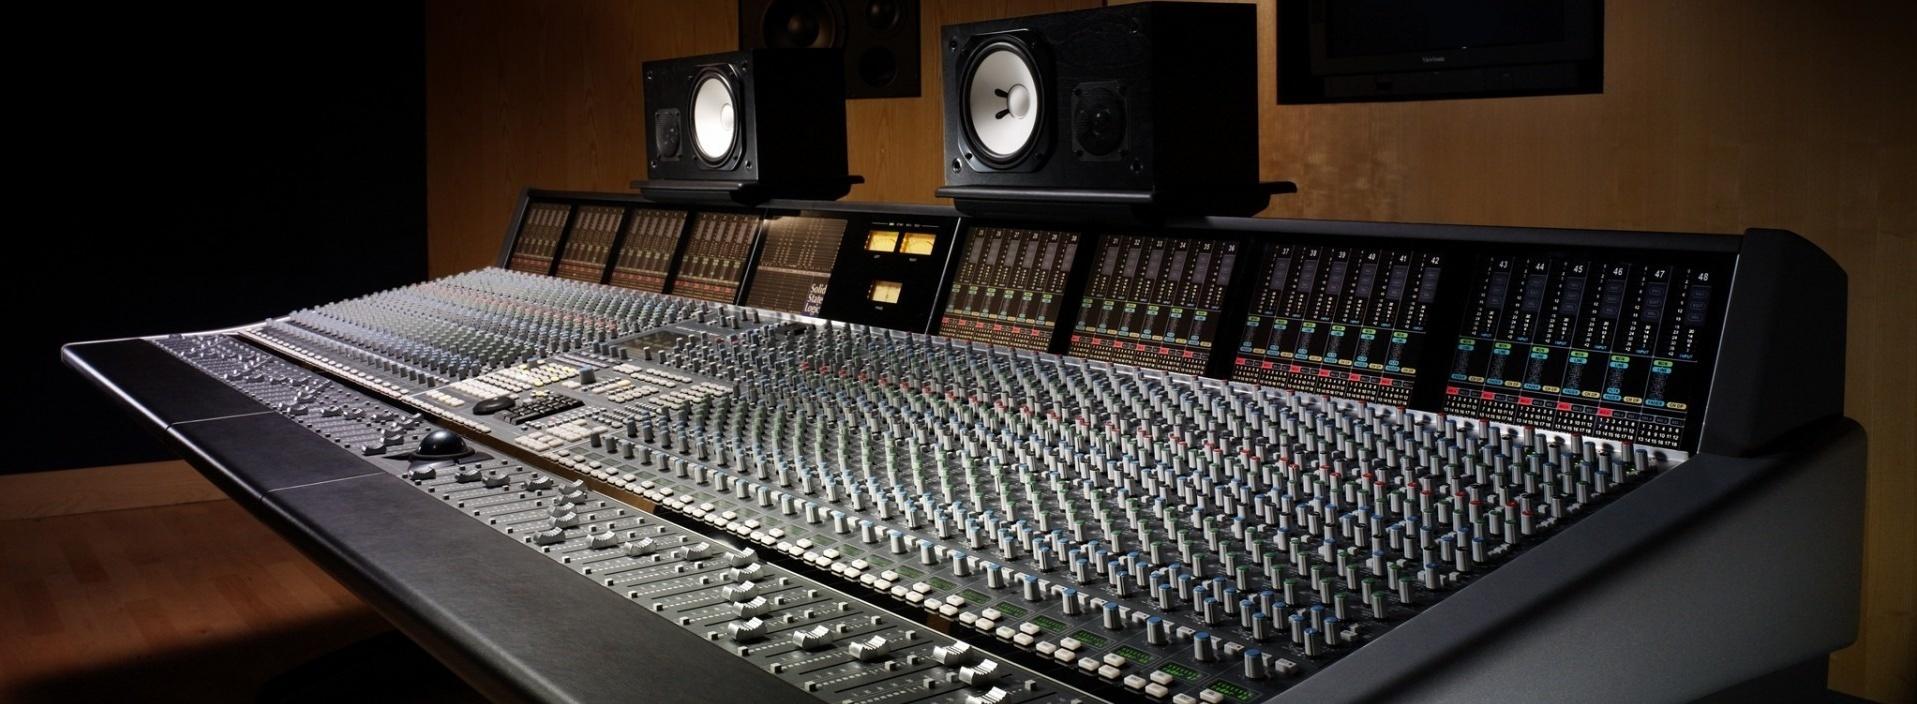 Studio-mixer-regulators-speakers